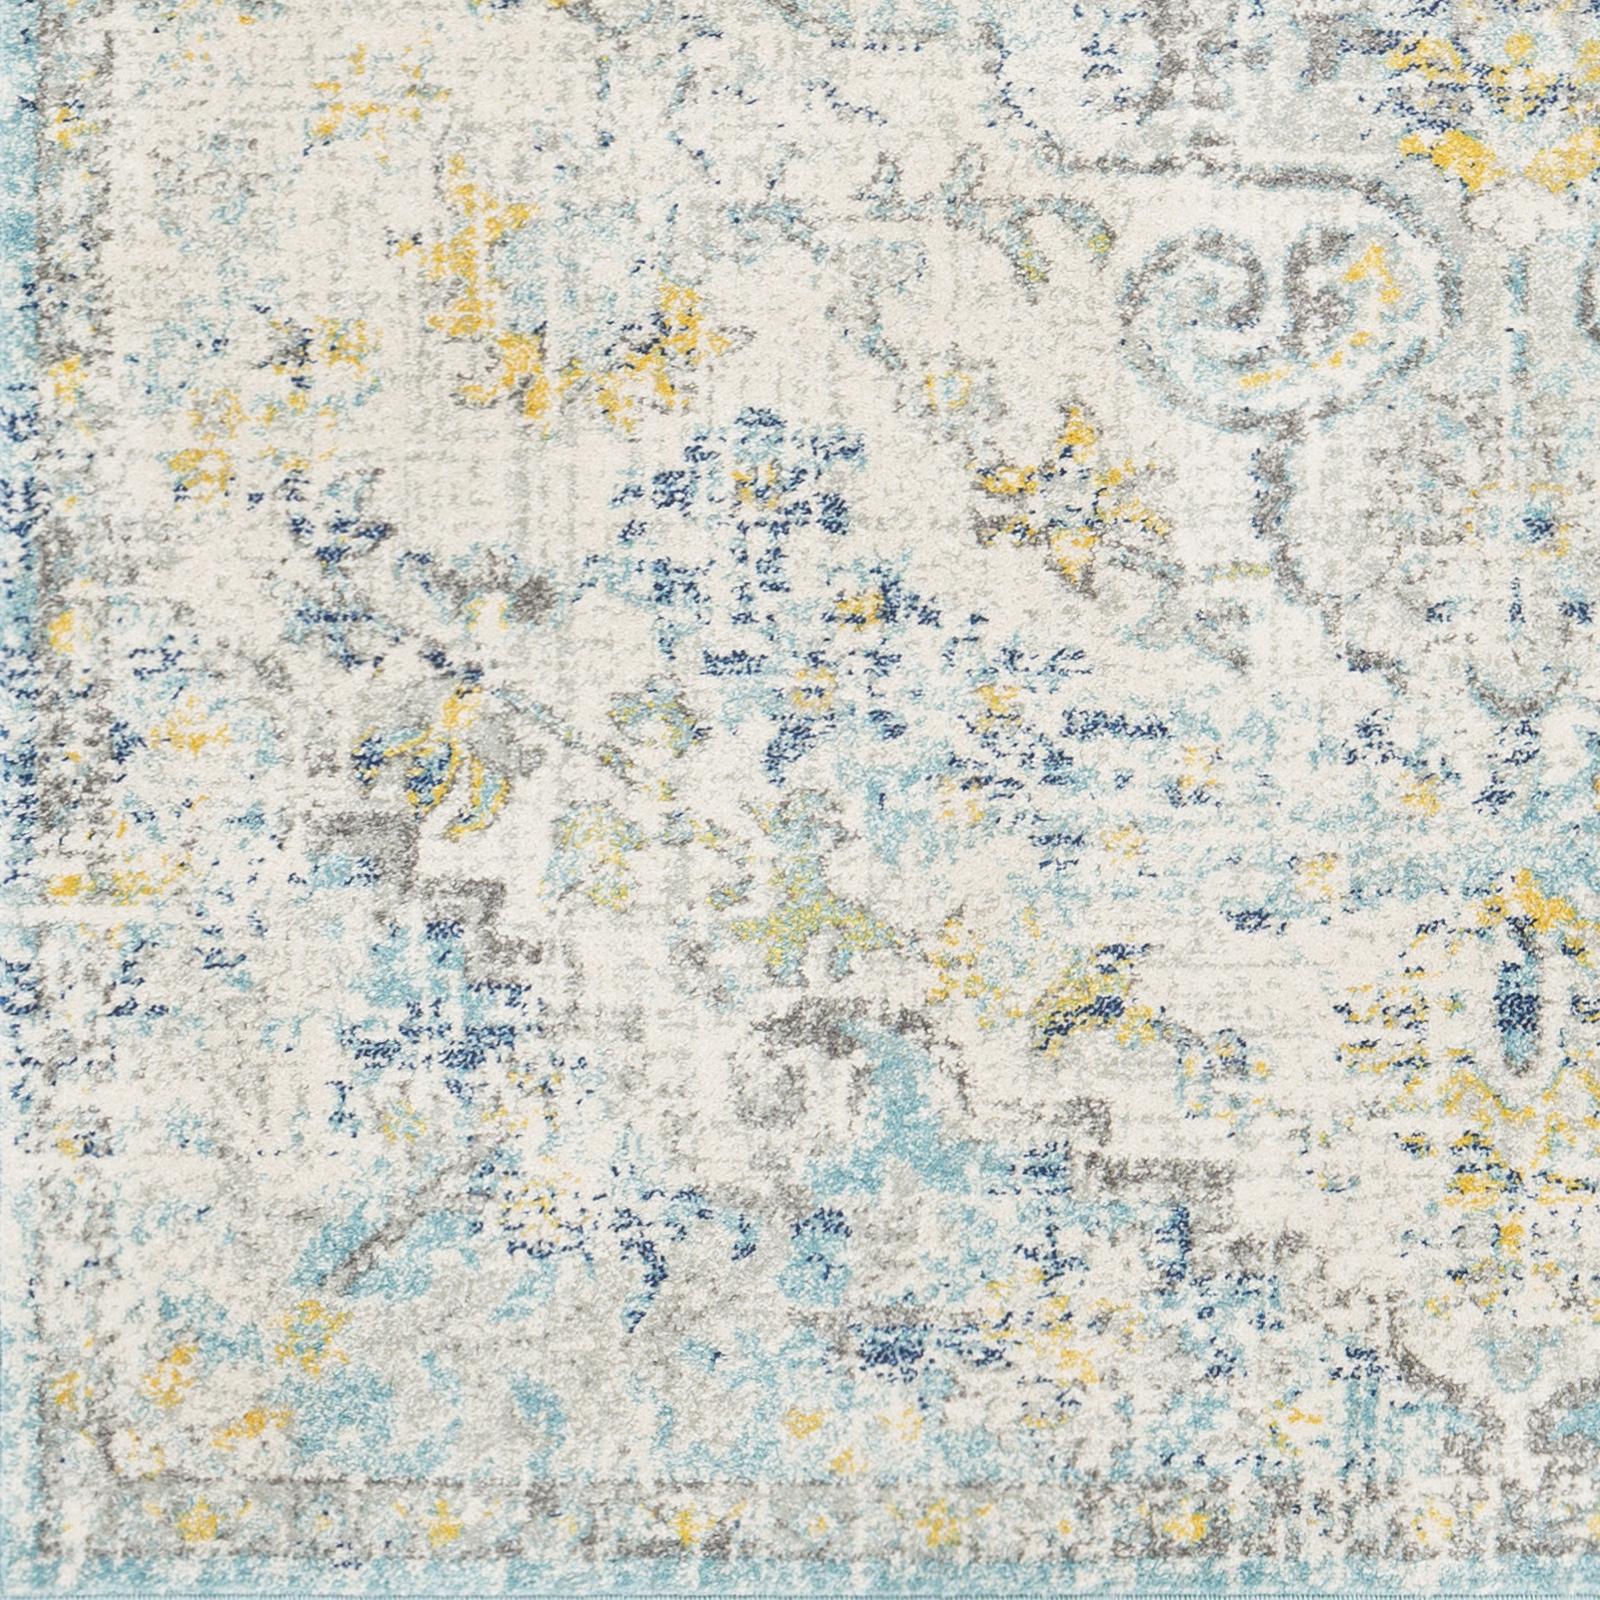 Harput - 2' x 3' Area Rug